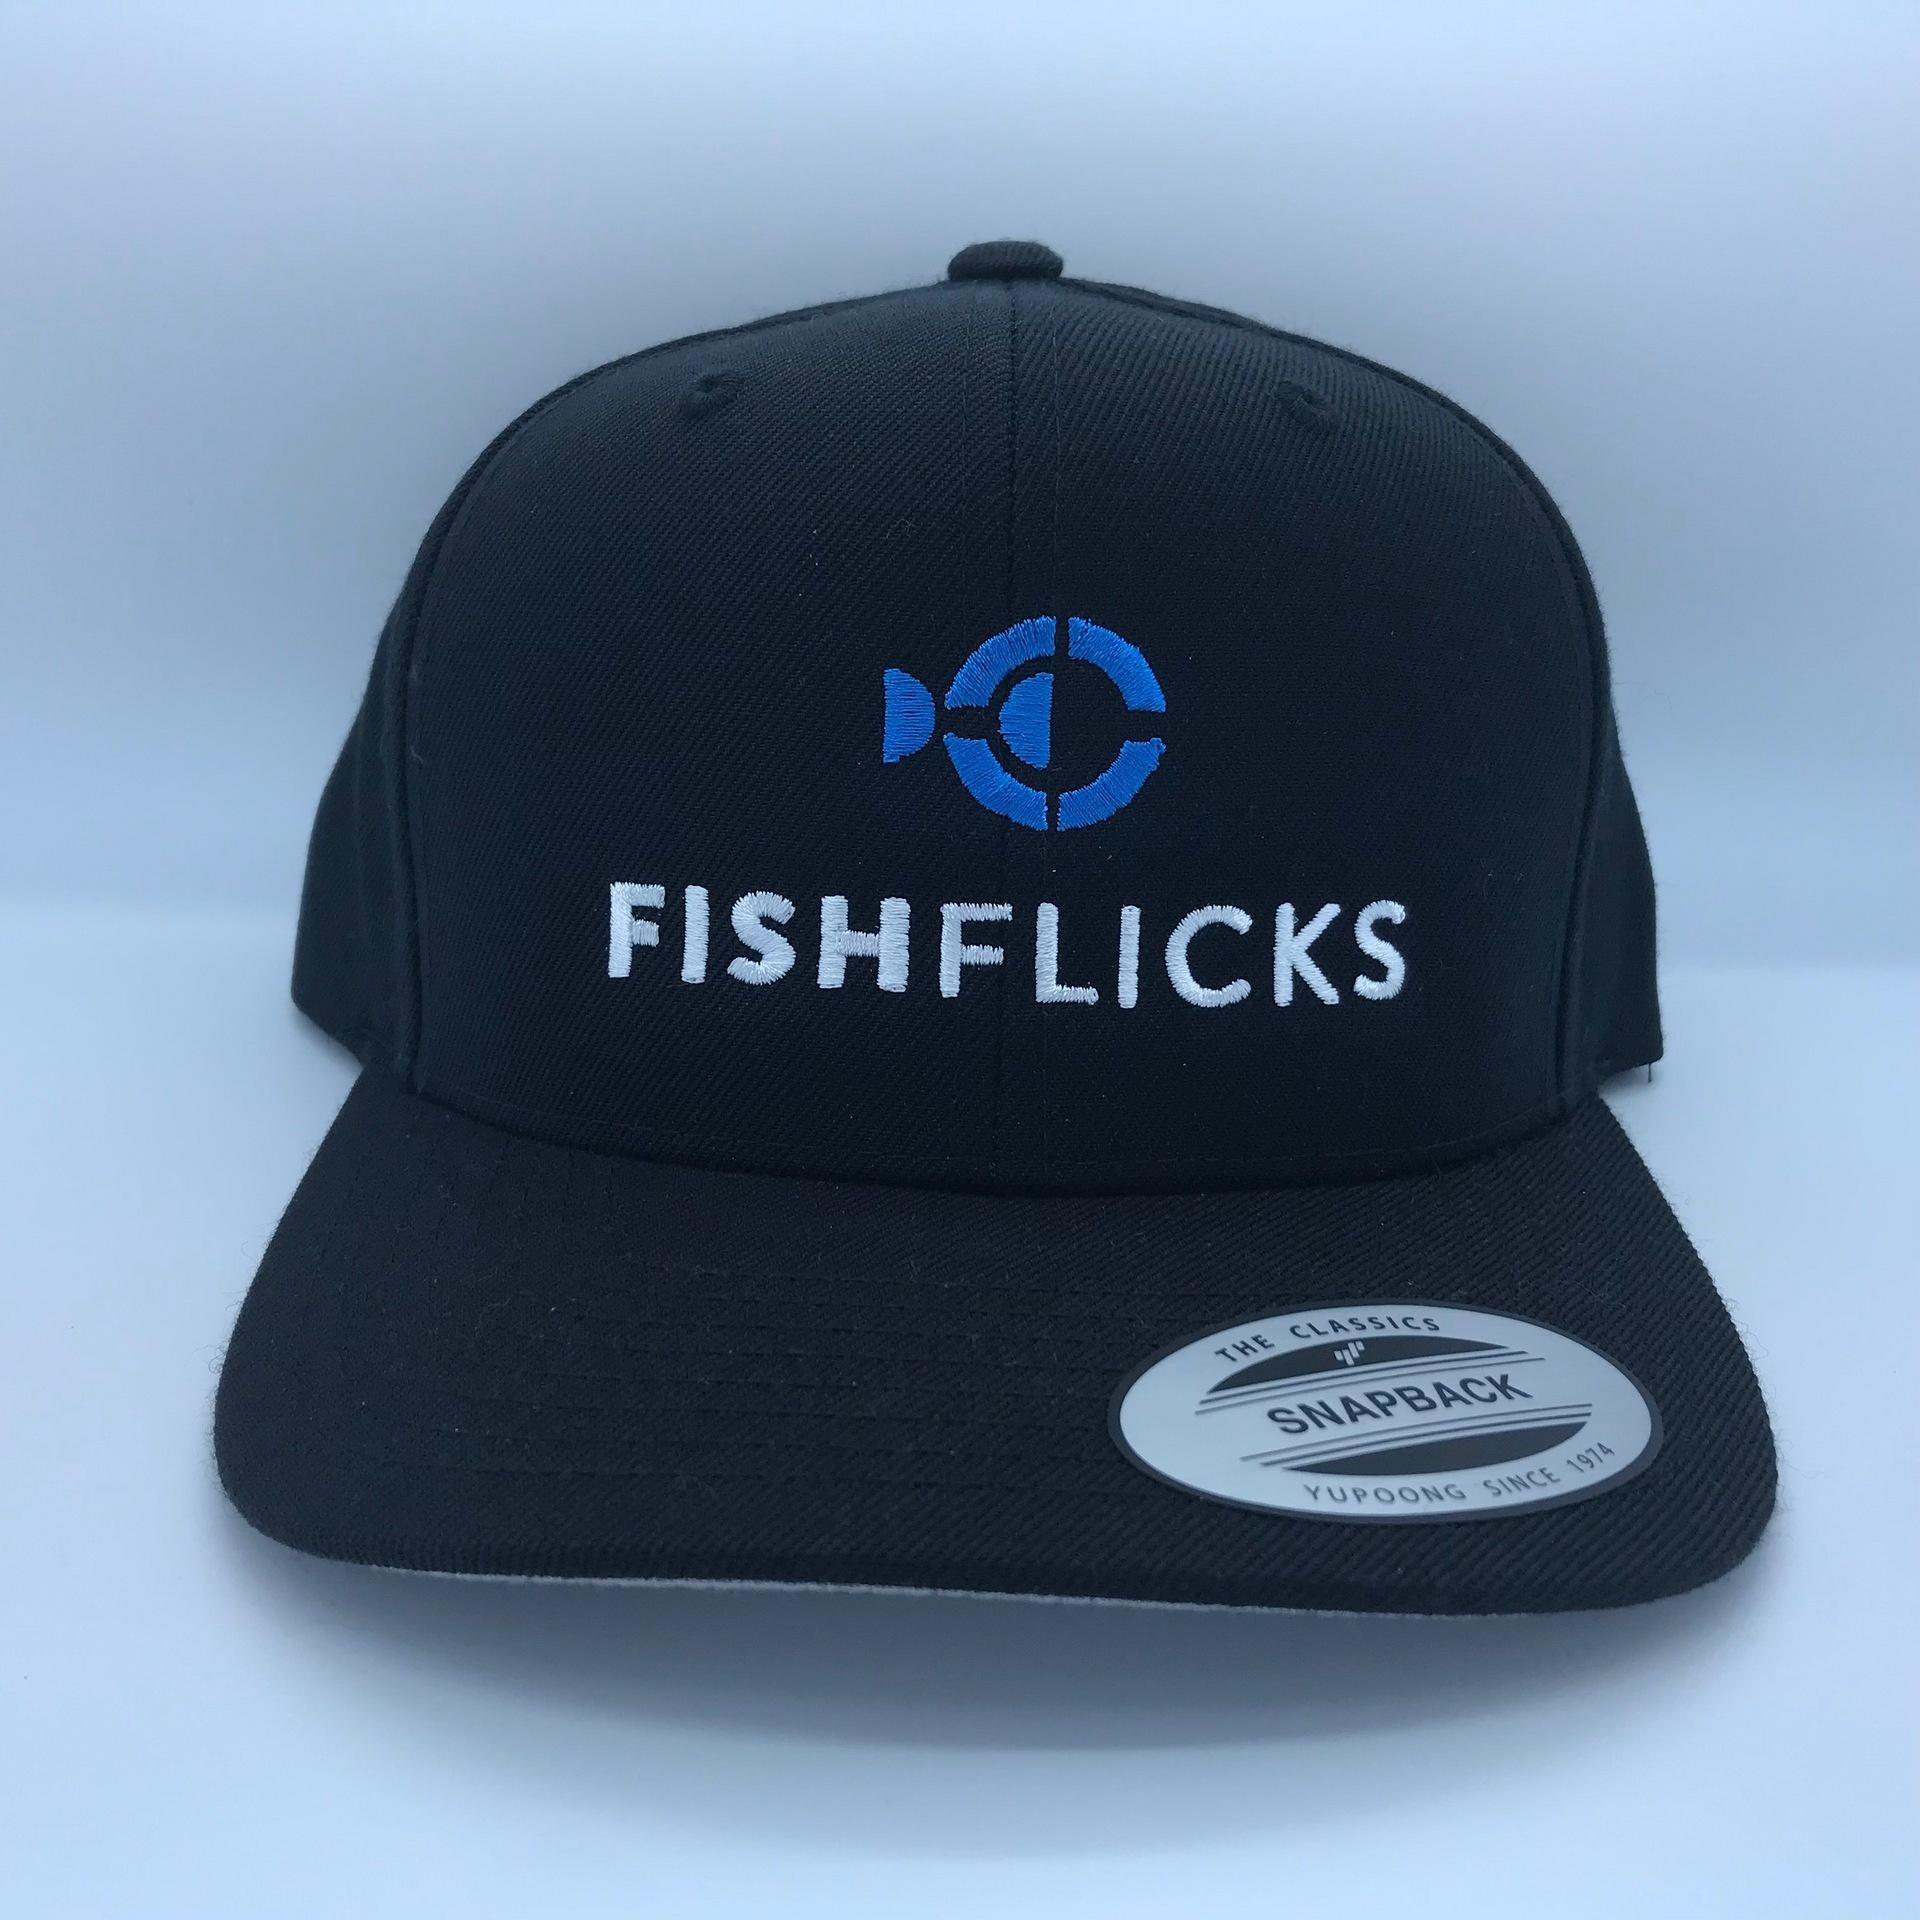 f03b1e2e8b261 Classic Snapback Cap - Fish Flicks